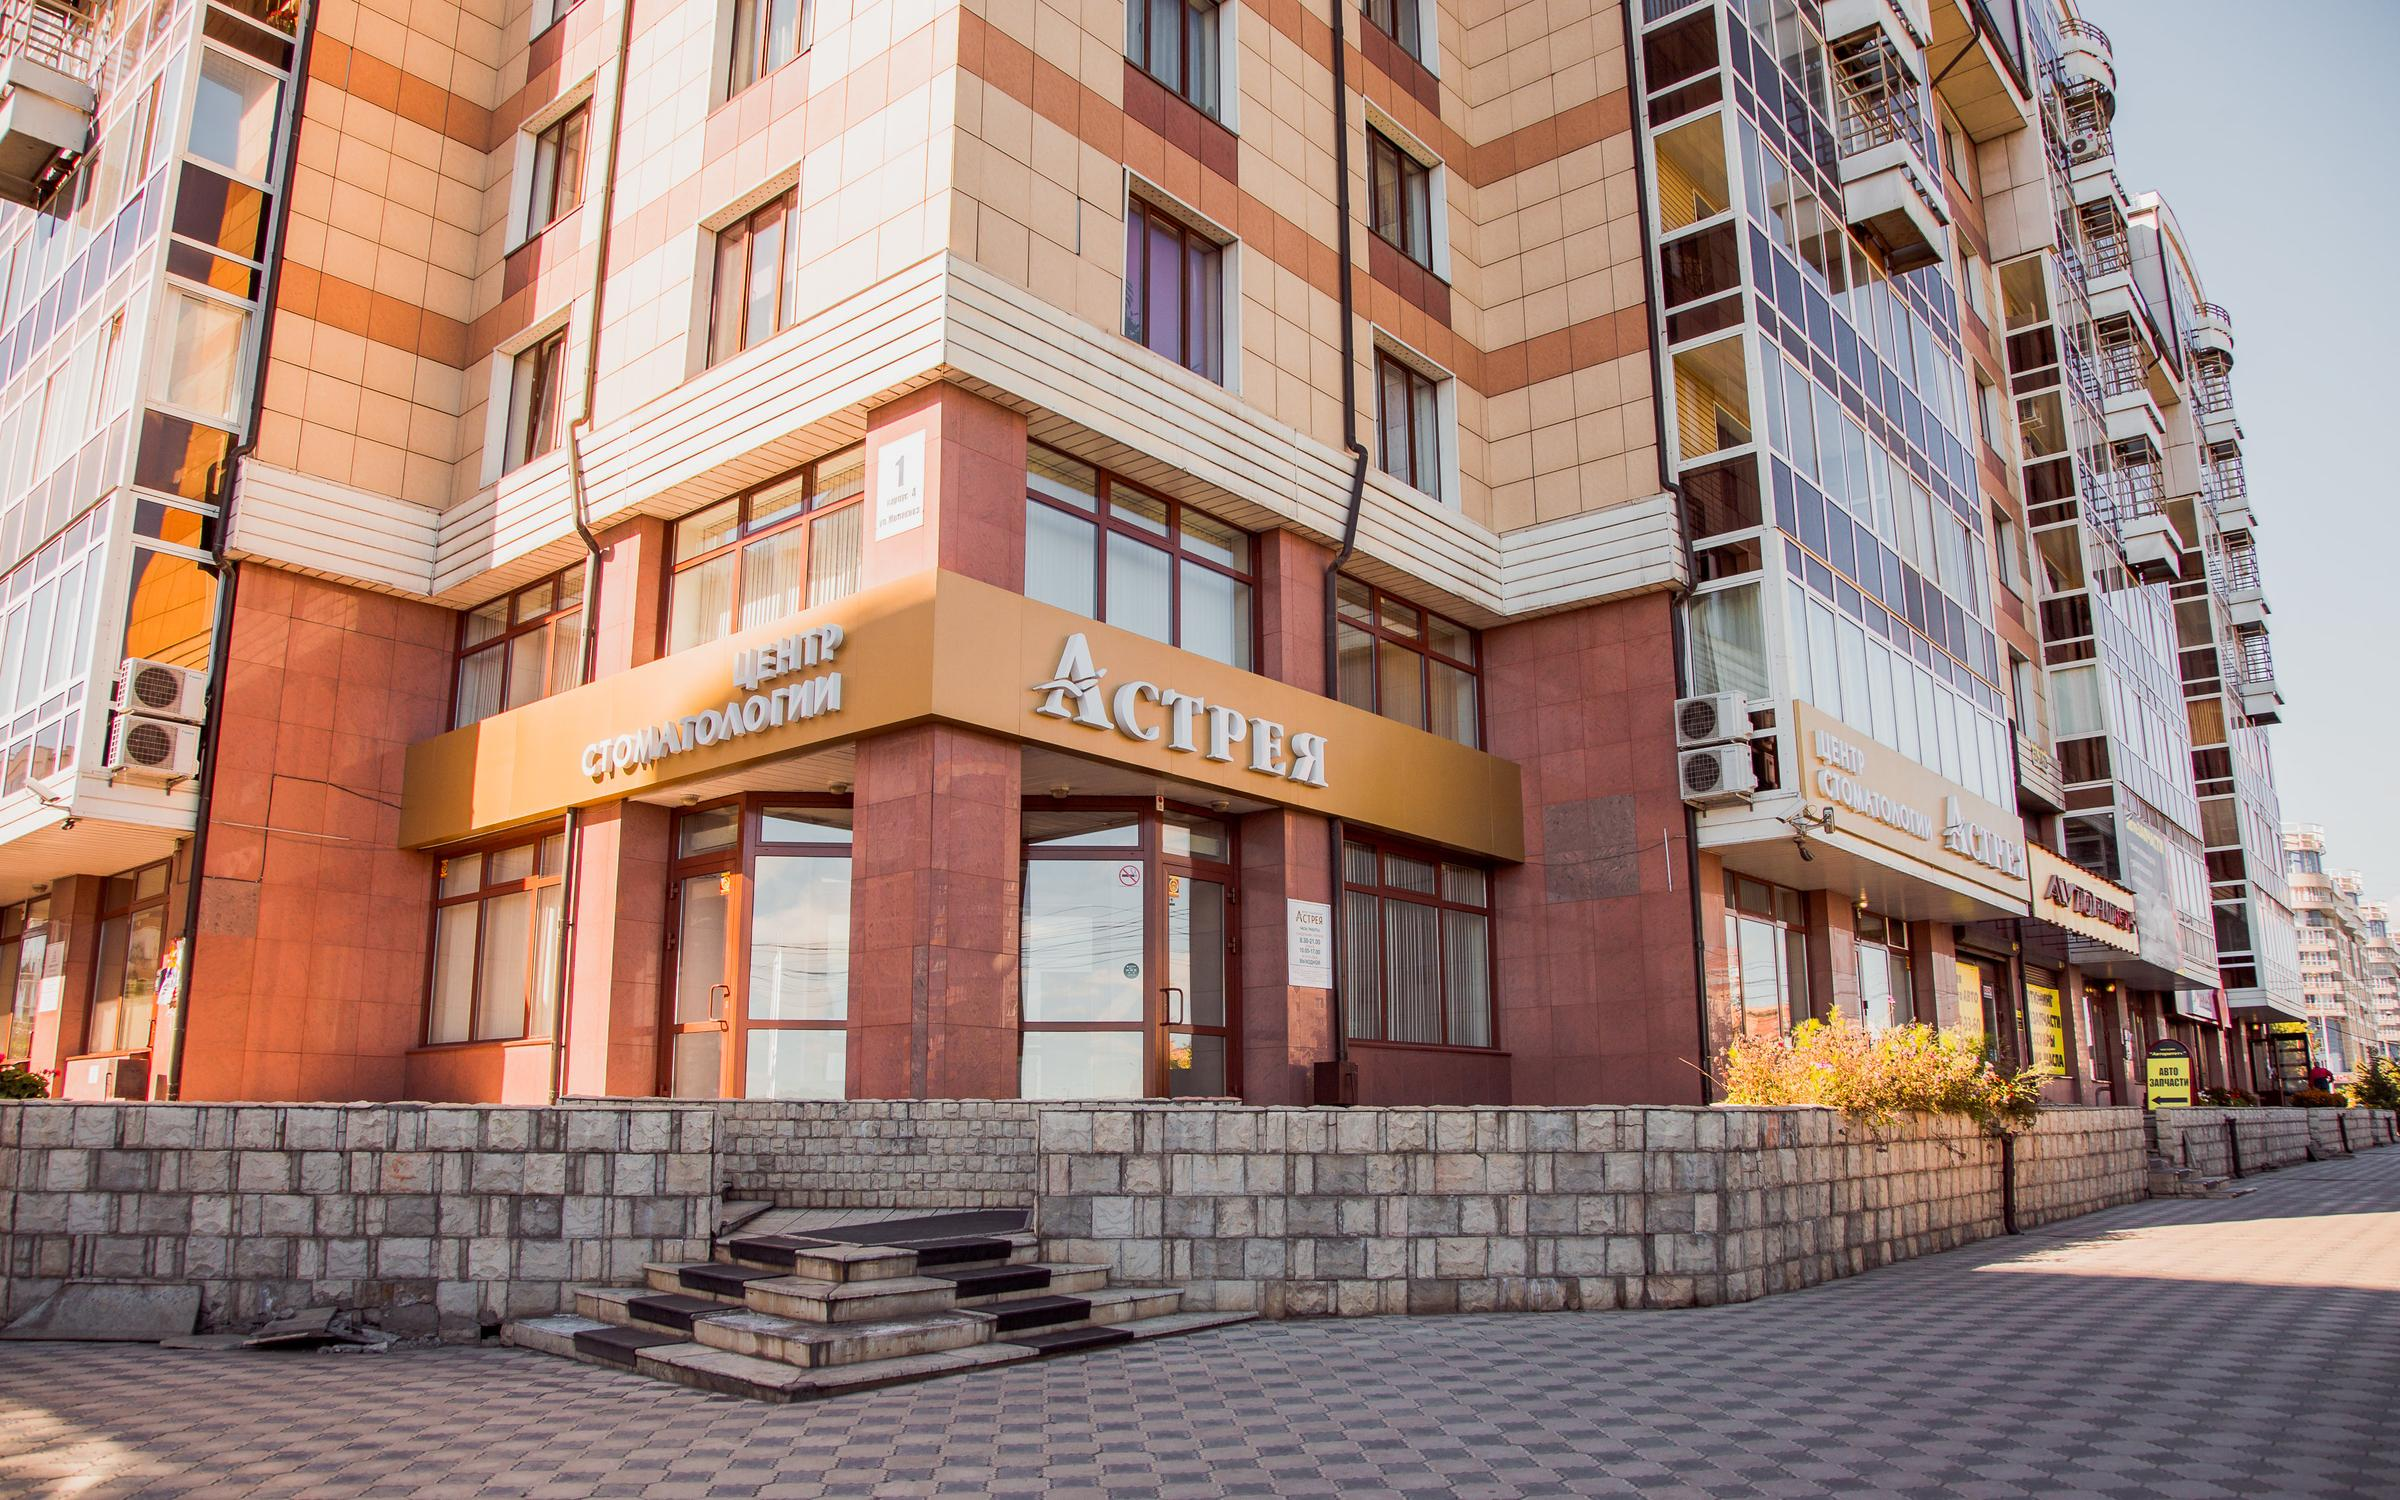 фотография Центра стоматологии Астрея на улице Молокова